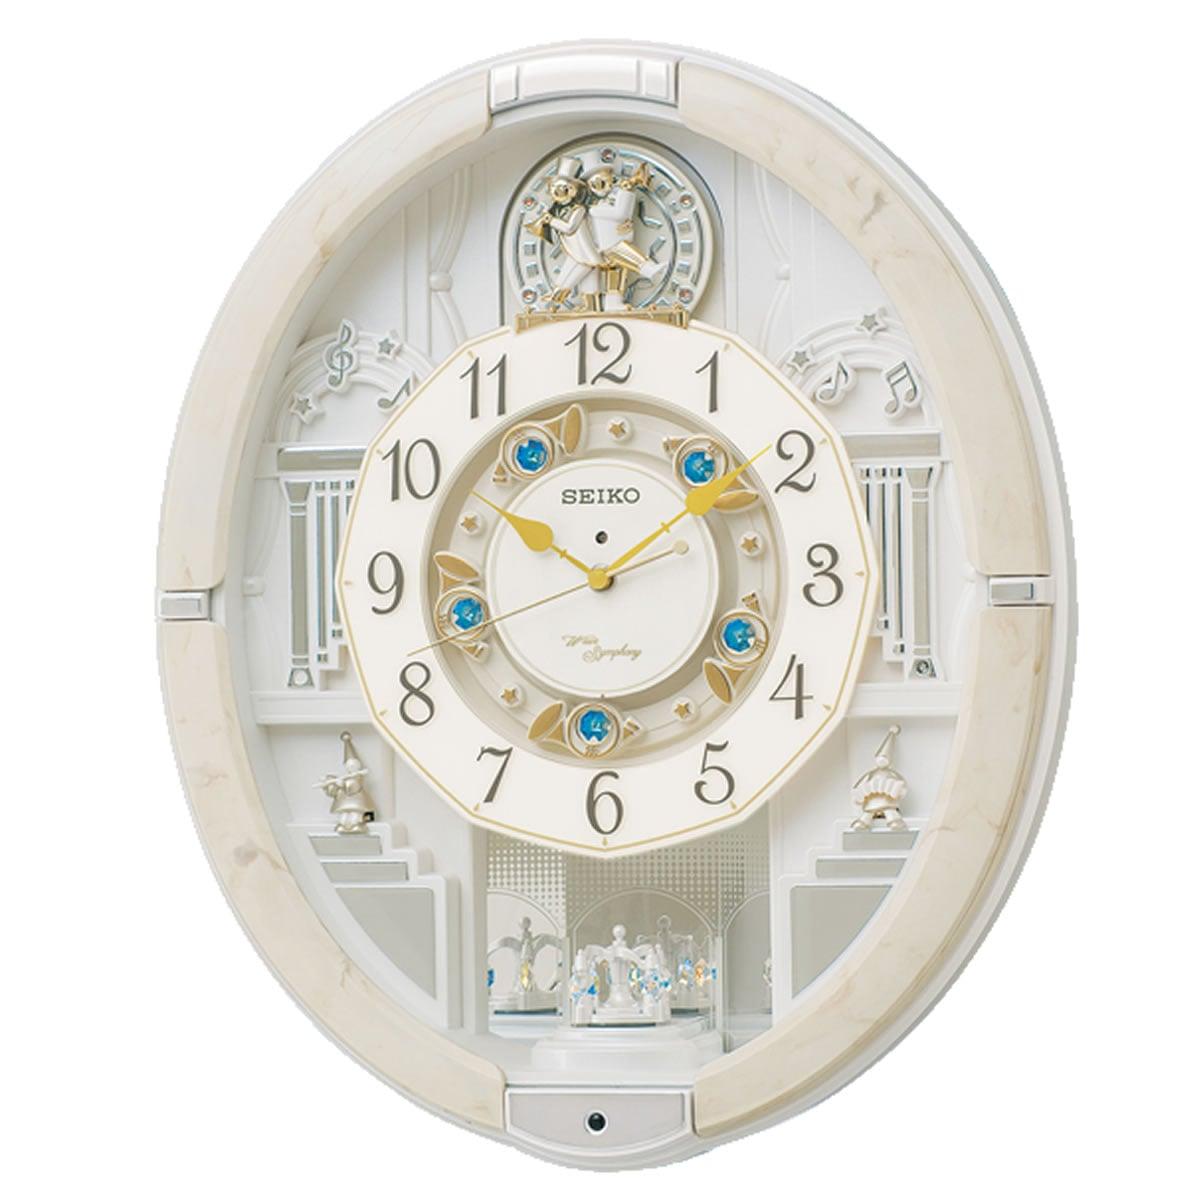 SEIKO(セイコー) 電波からくり掛け時計 ウェーブシンフォニー RE576A アイボリー